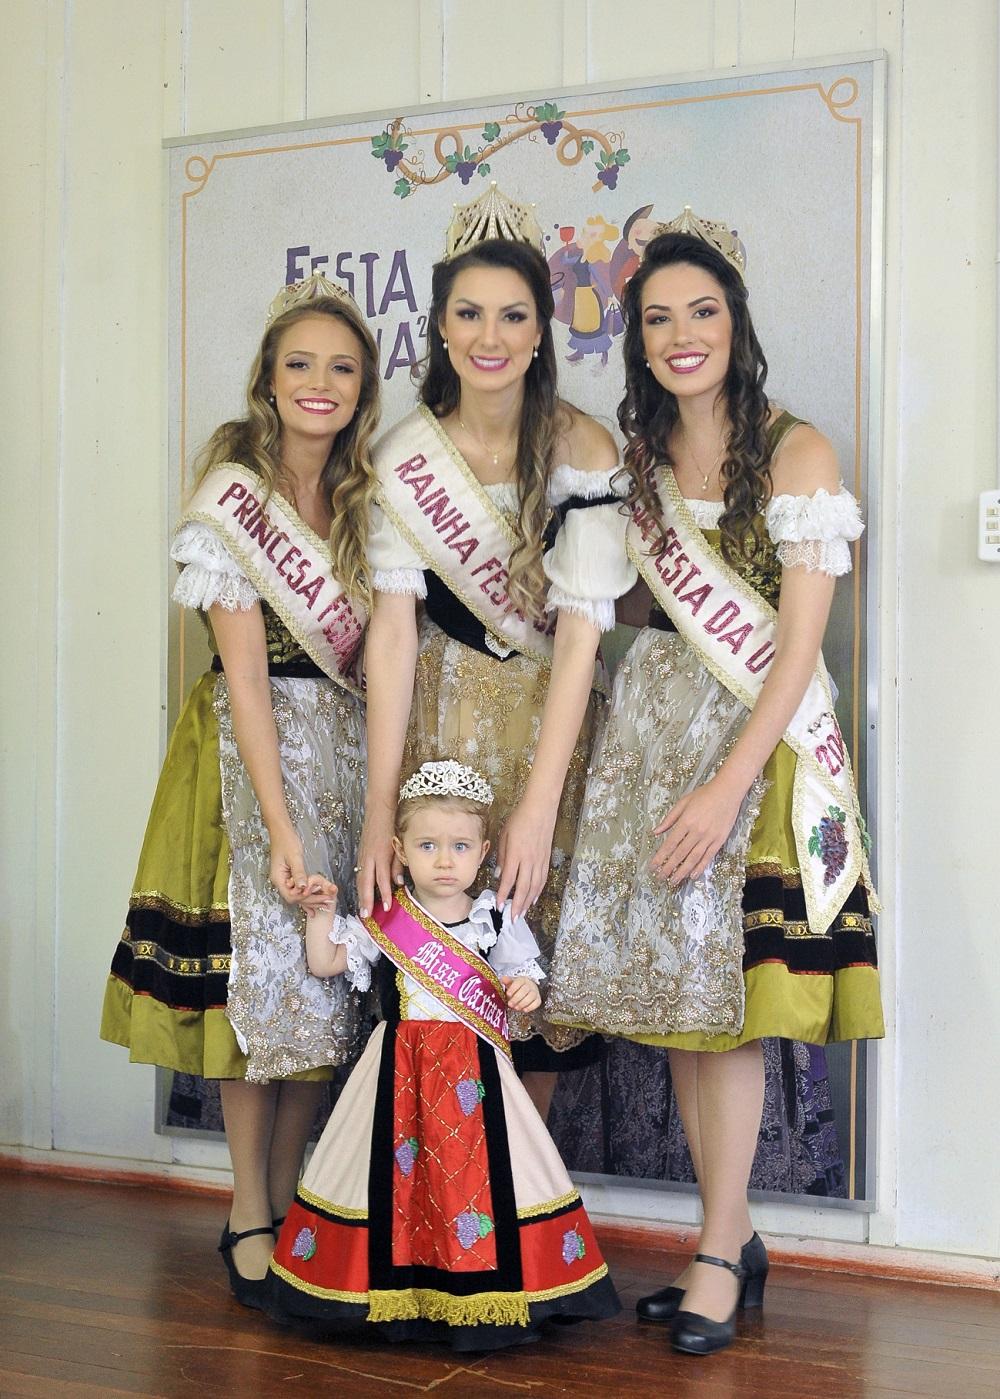 Vestido de Miss Caxias Baby é inspirado em modelo da rainha da Festa da Uva 2019